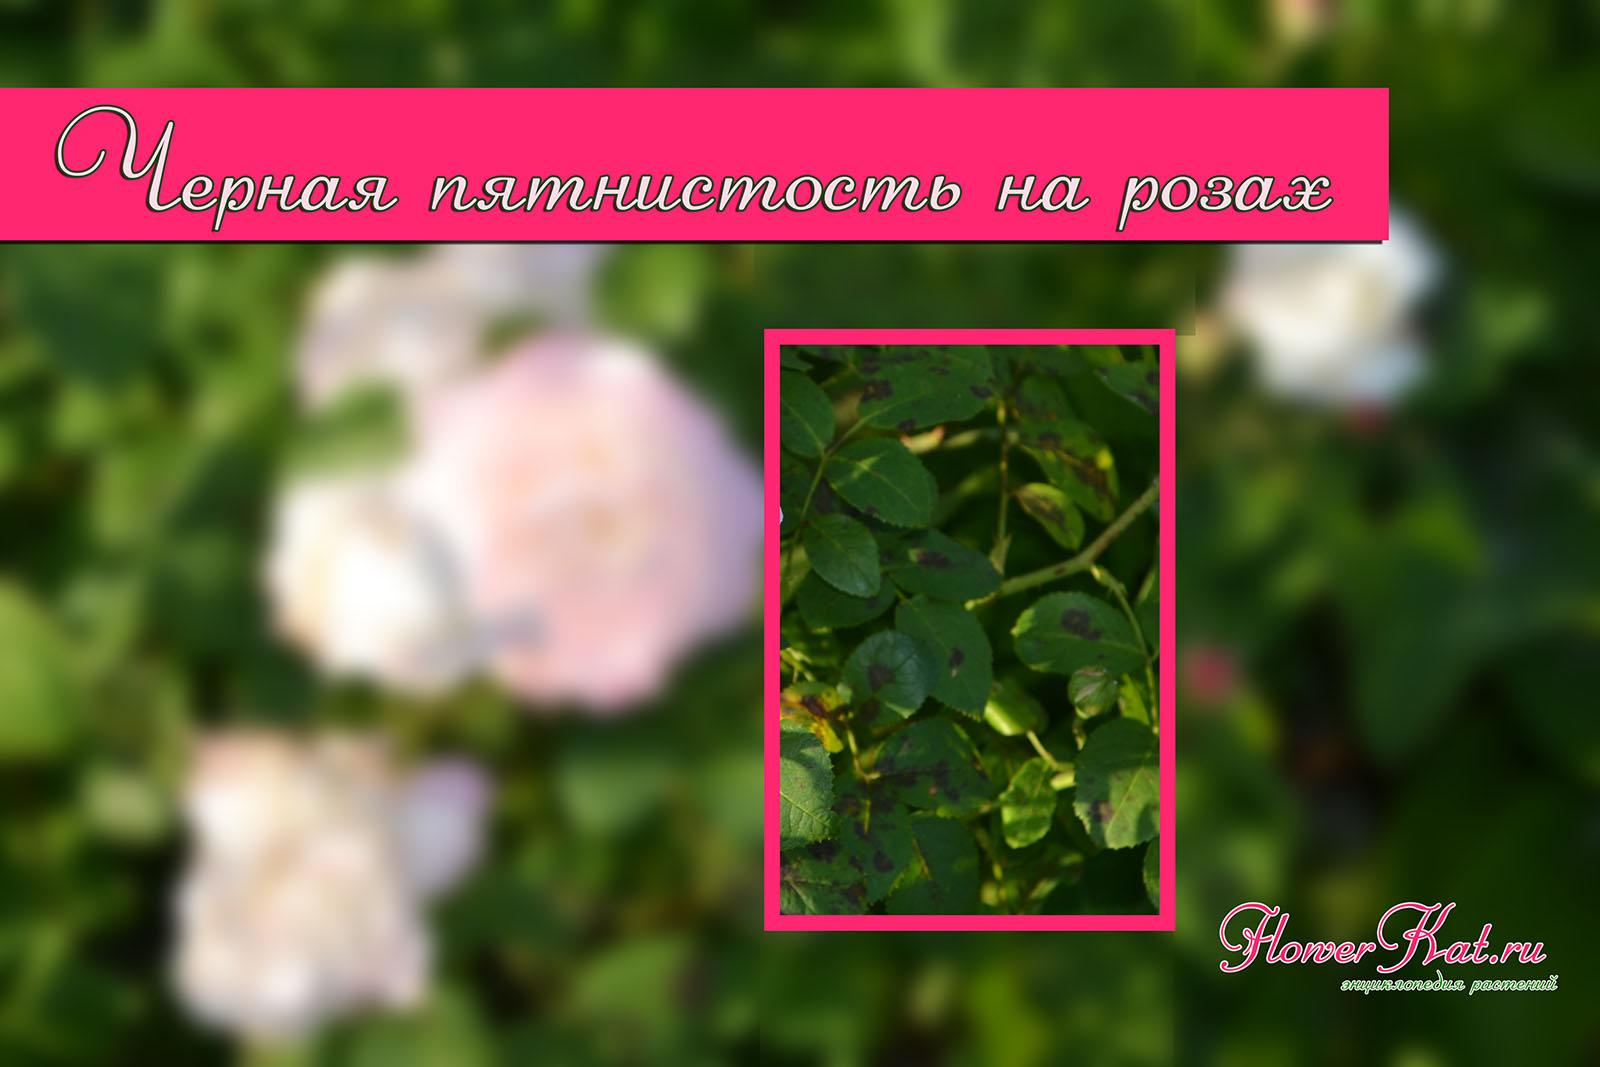 Черная пятнистость на розах - фото к большой статье